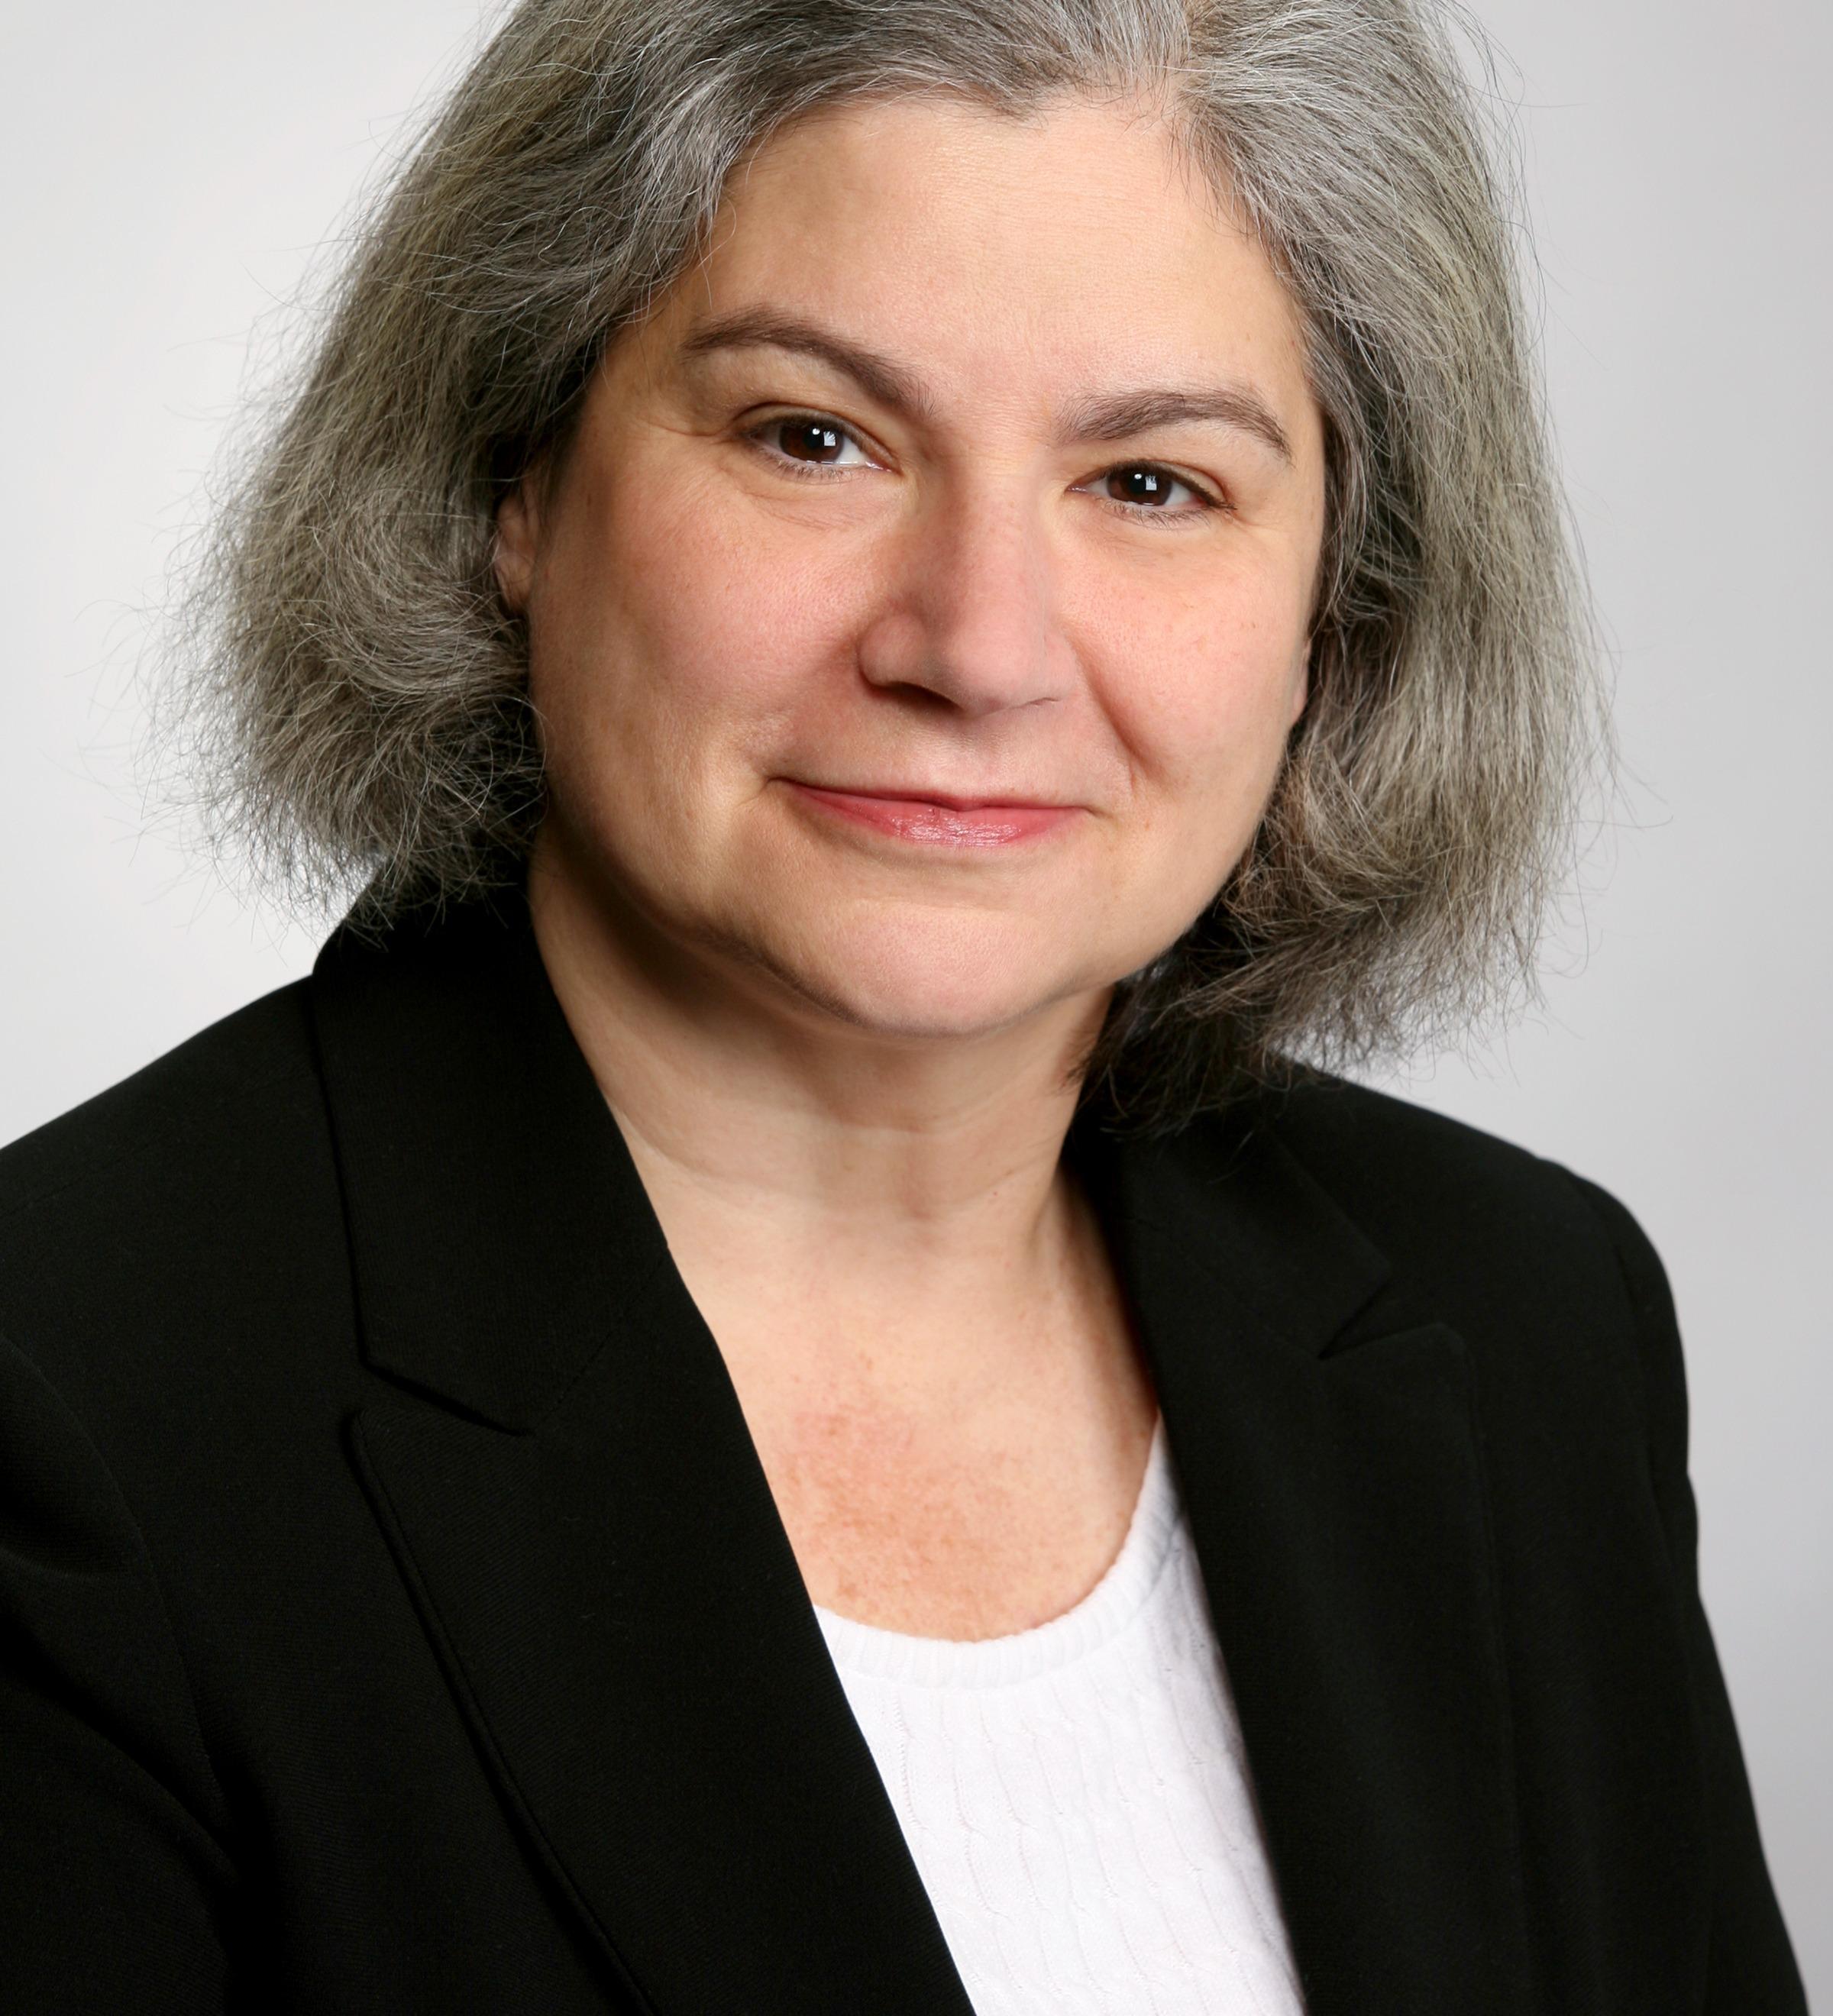 Valerie J. Peiler